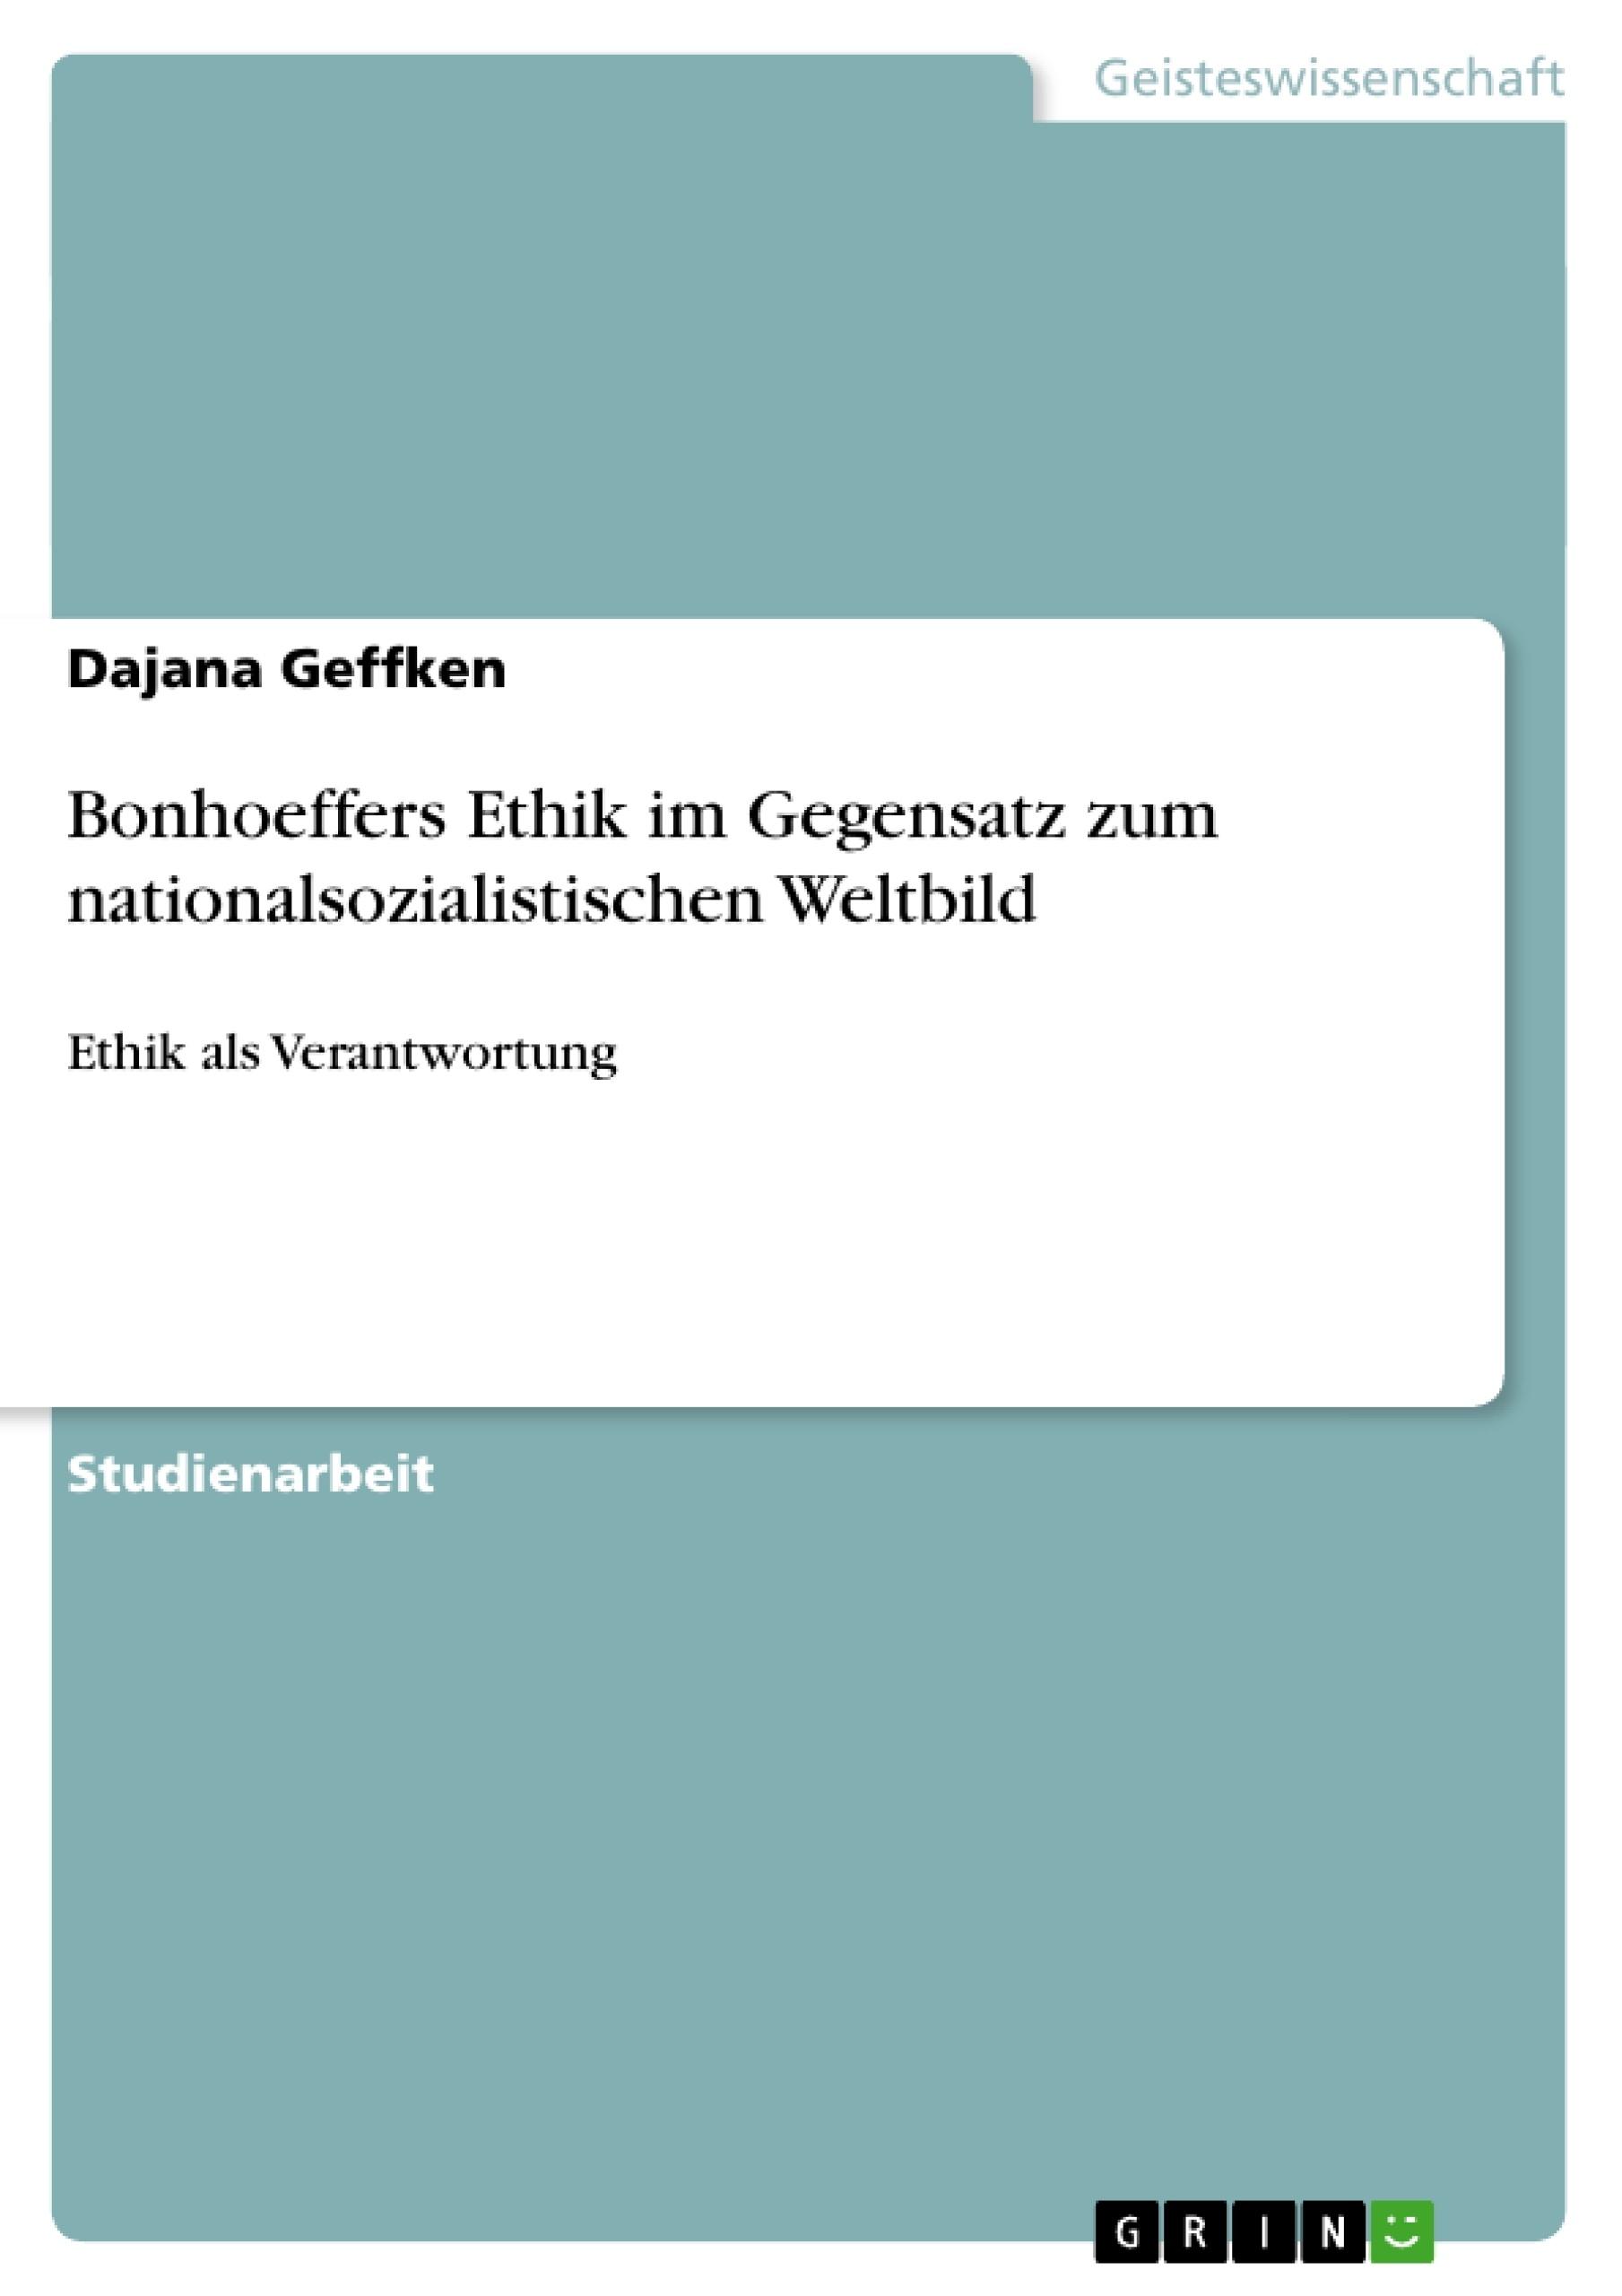 Titel: Bonhoeffers Ethik im Gegensatz zum nationalsozialistischen Weltbild